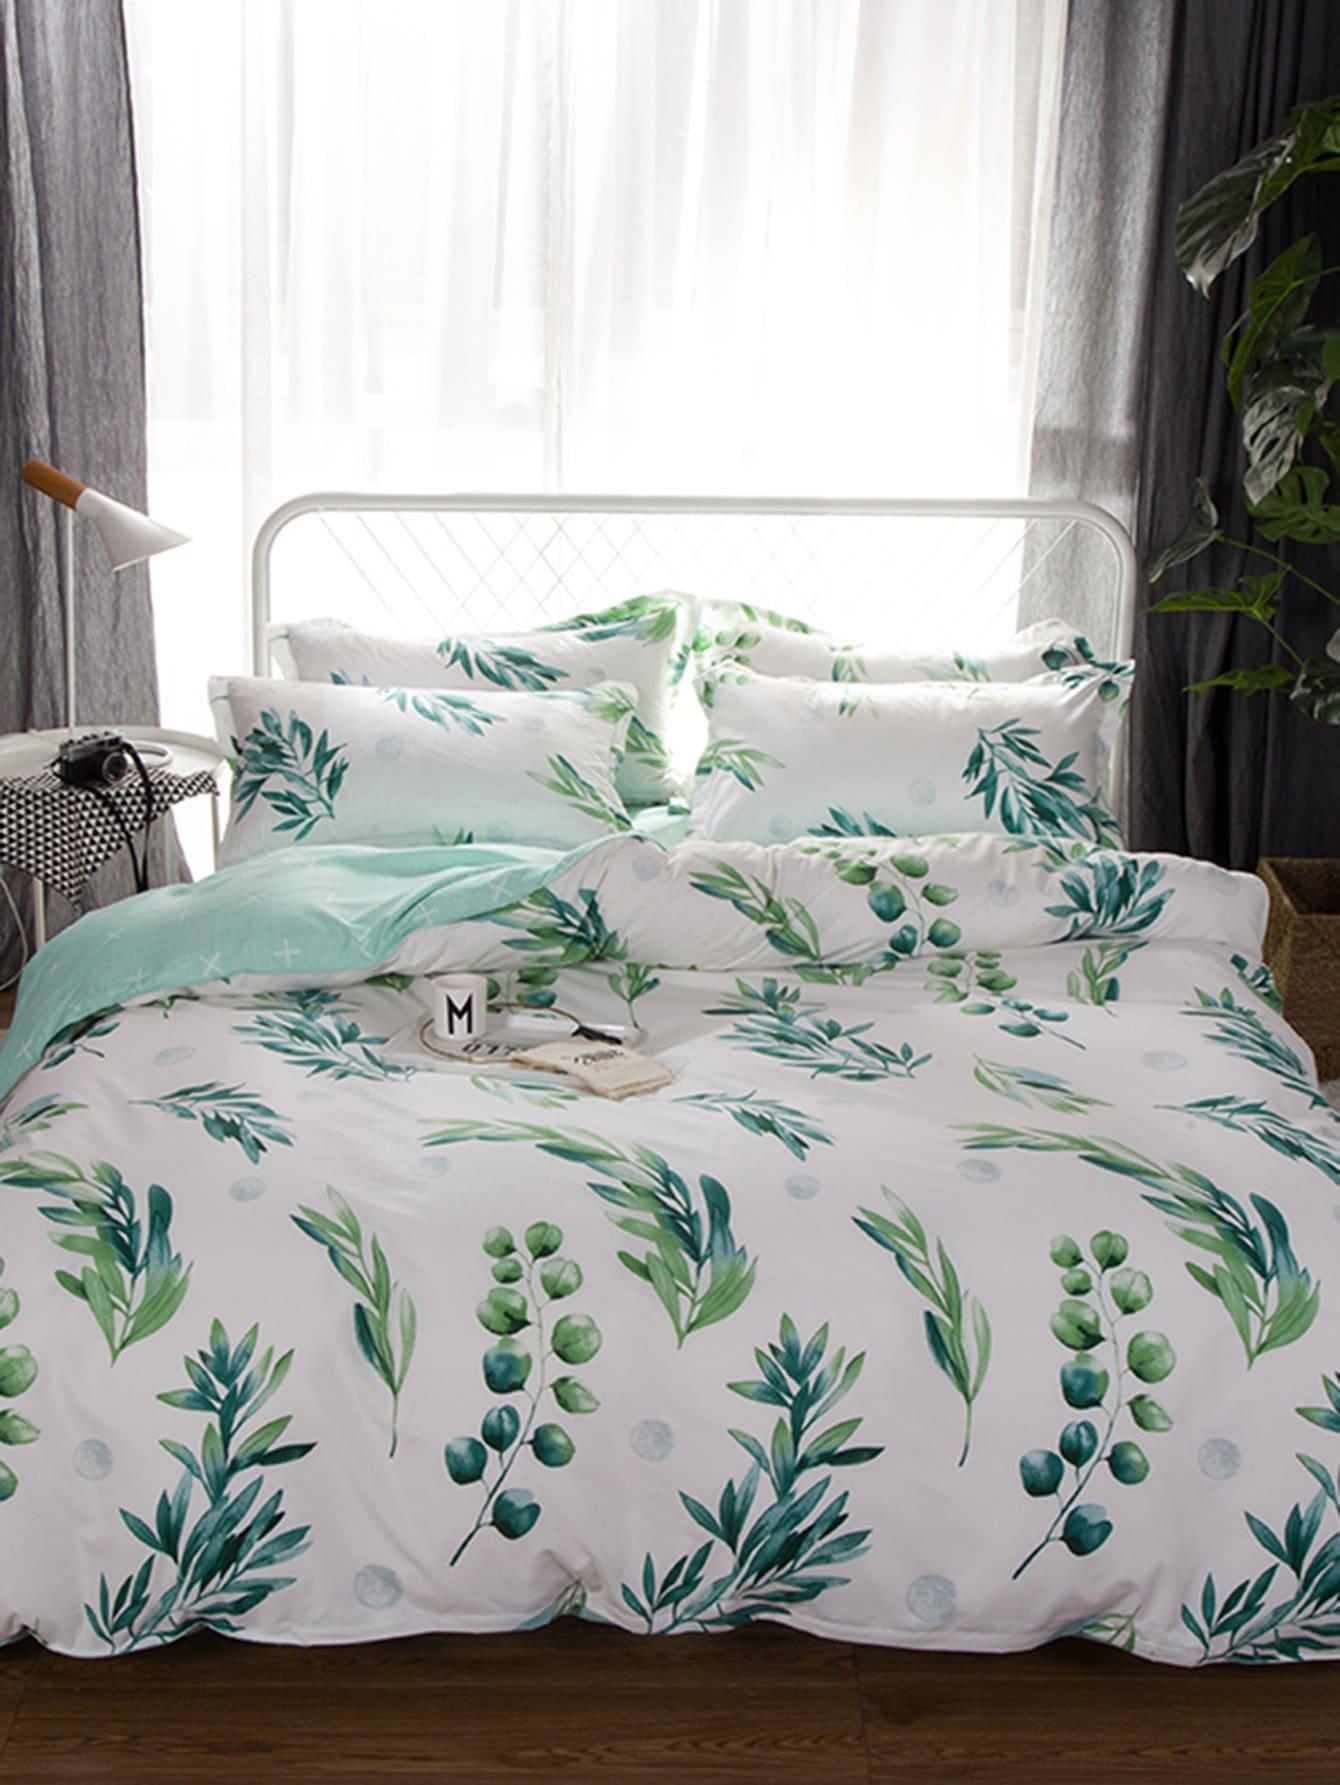 Тропический Комплект постельного белья Многоцветный Постельное белье